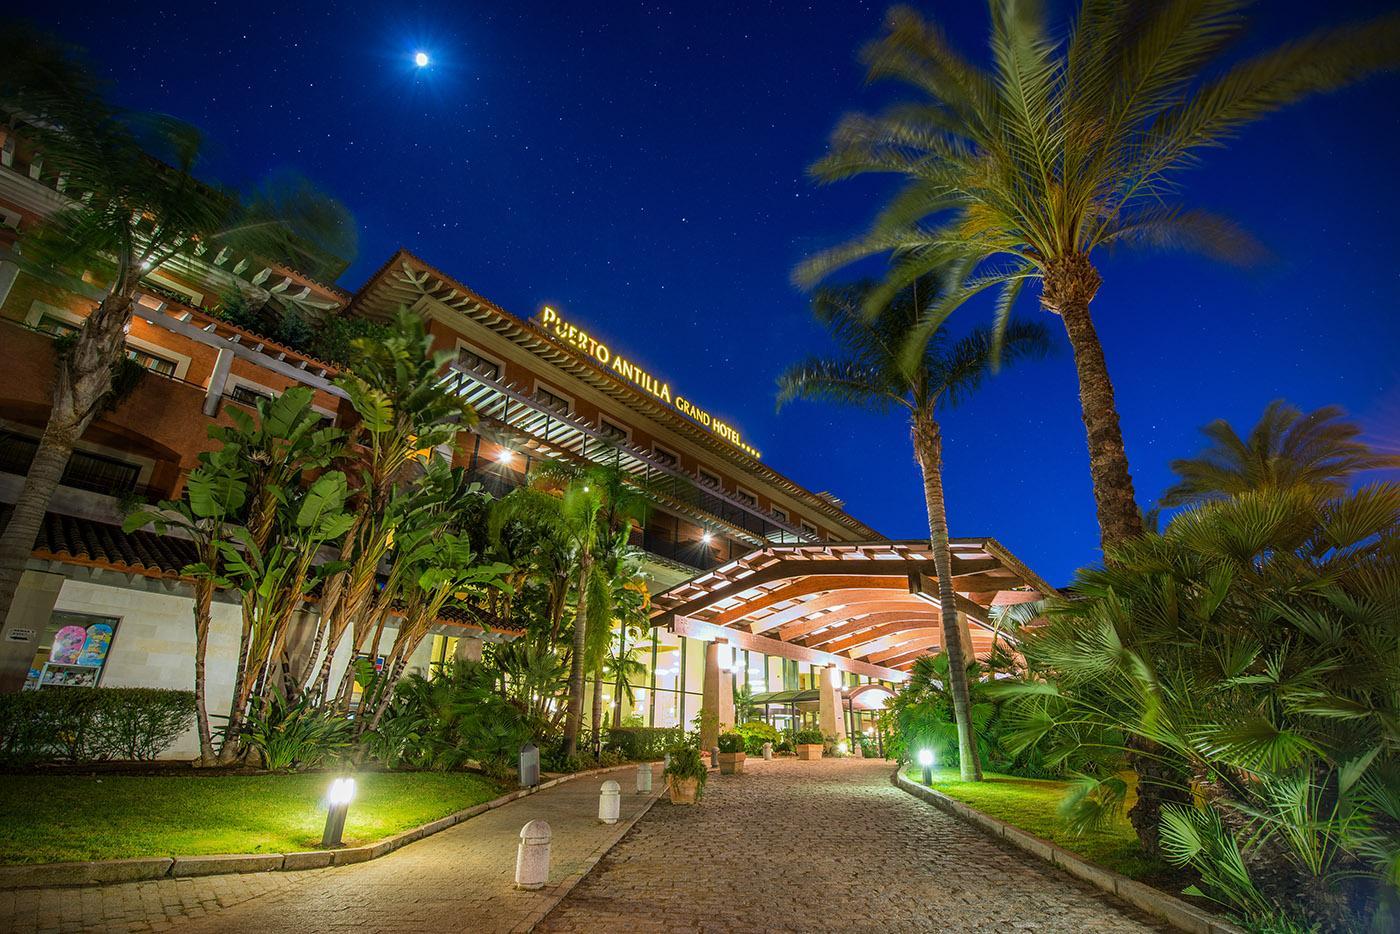 Ofertas de viagens islantilha desde 300 - Puerto antilla grand hotel ...